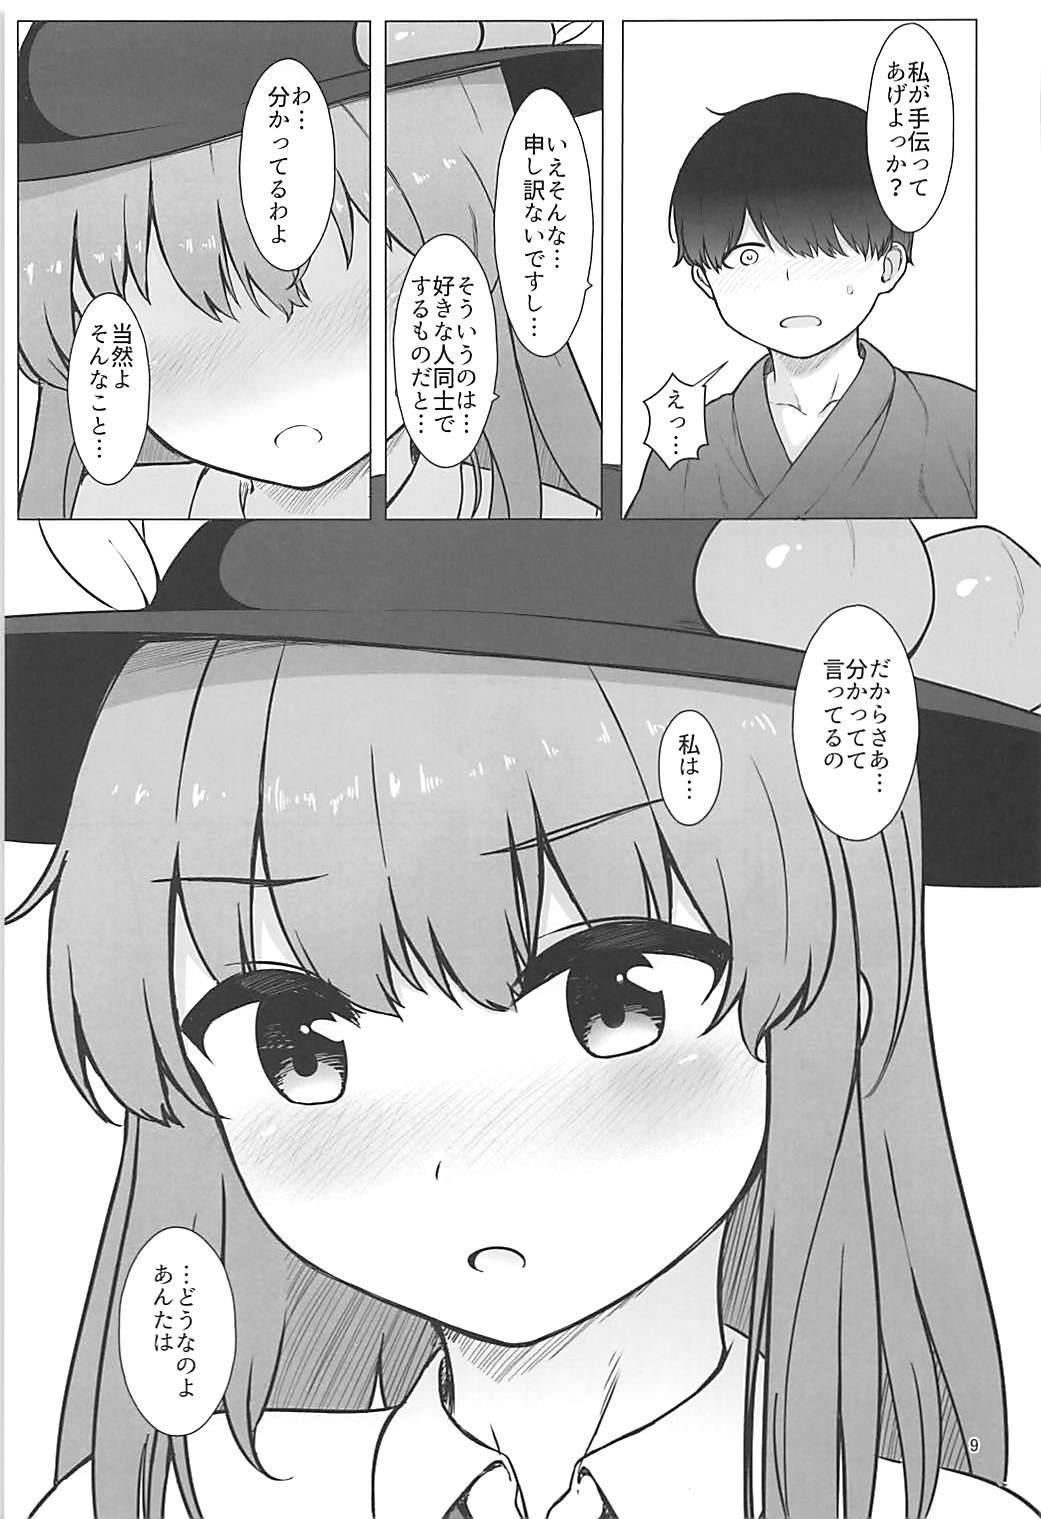 Tennin-sama to no Chijou Seikatsu 7